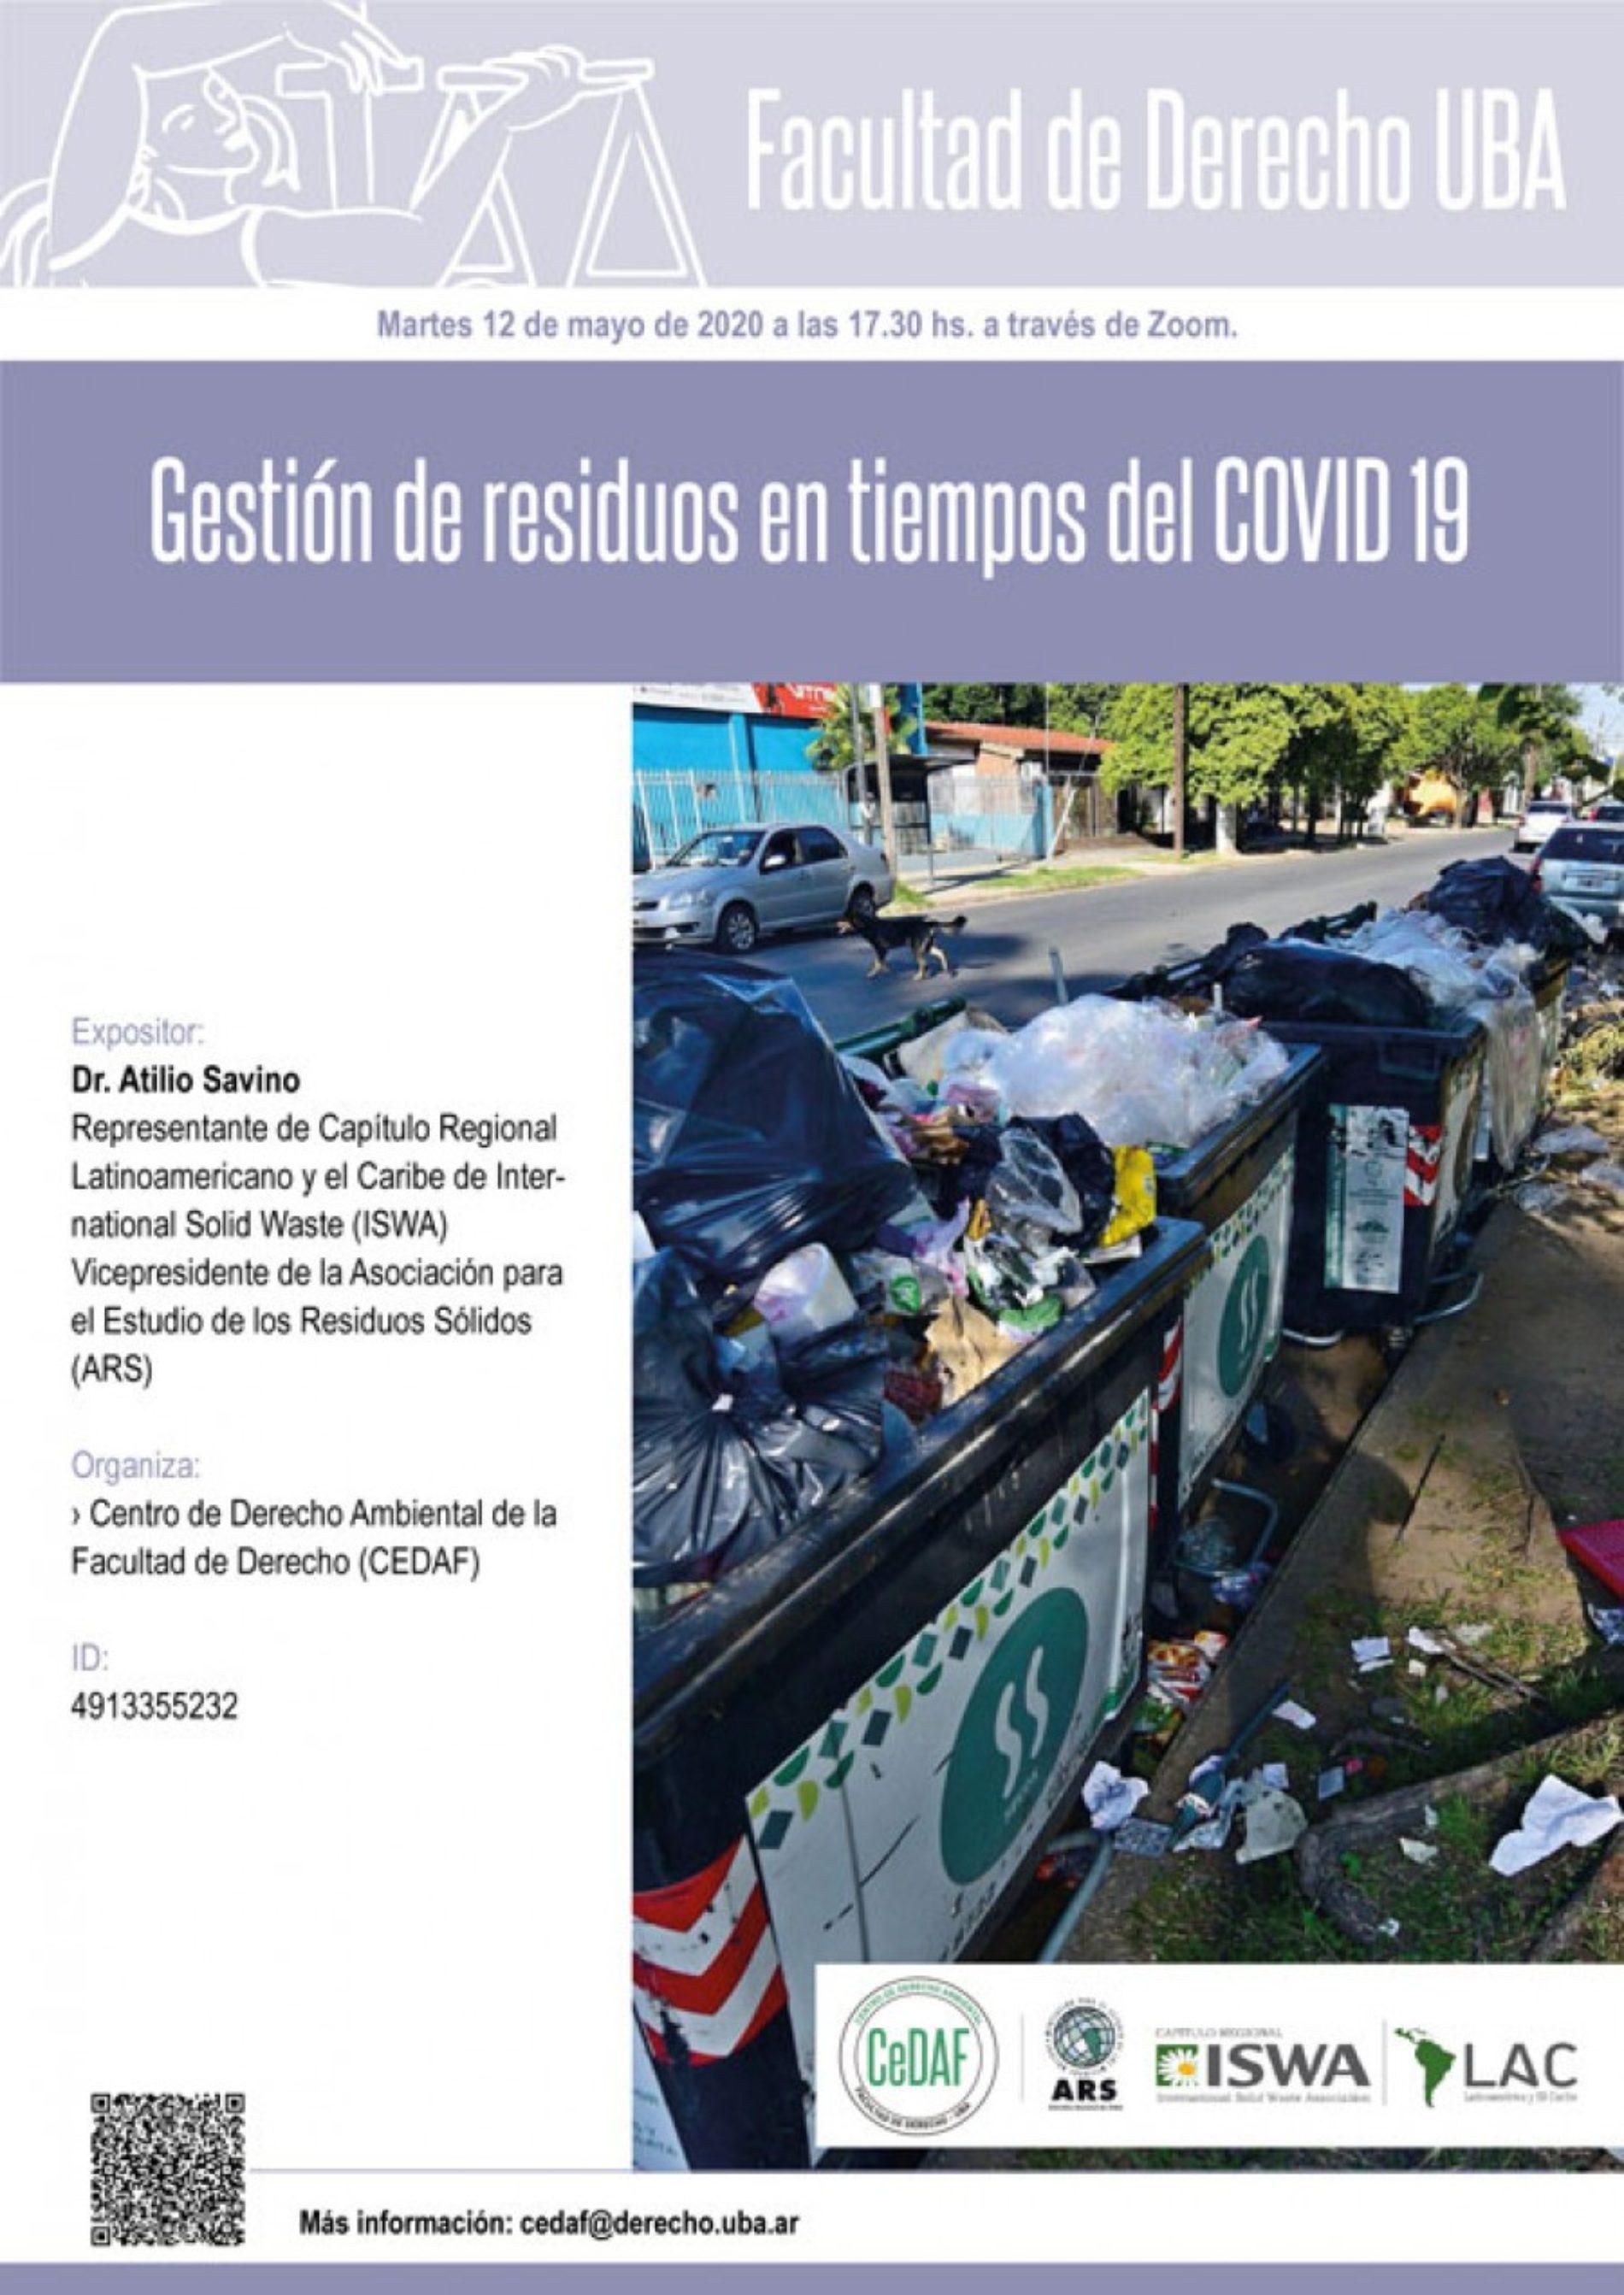 «Gestión de residuos en tiempos del COVID 19»